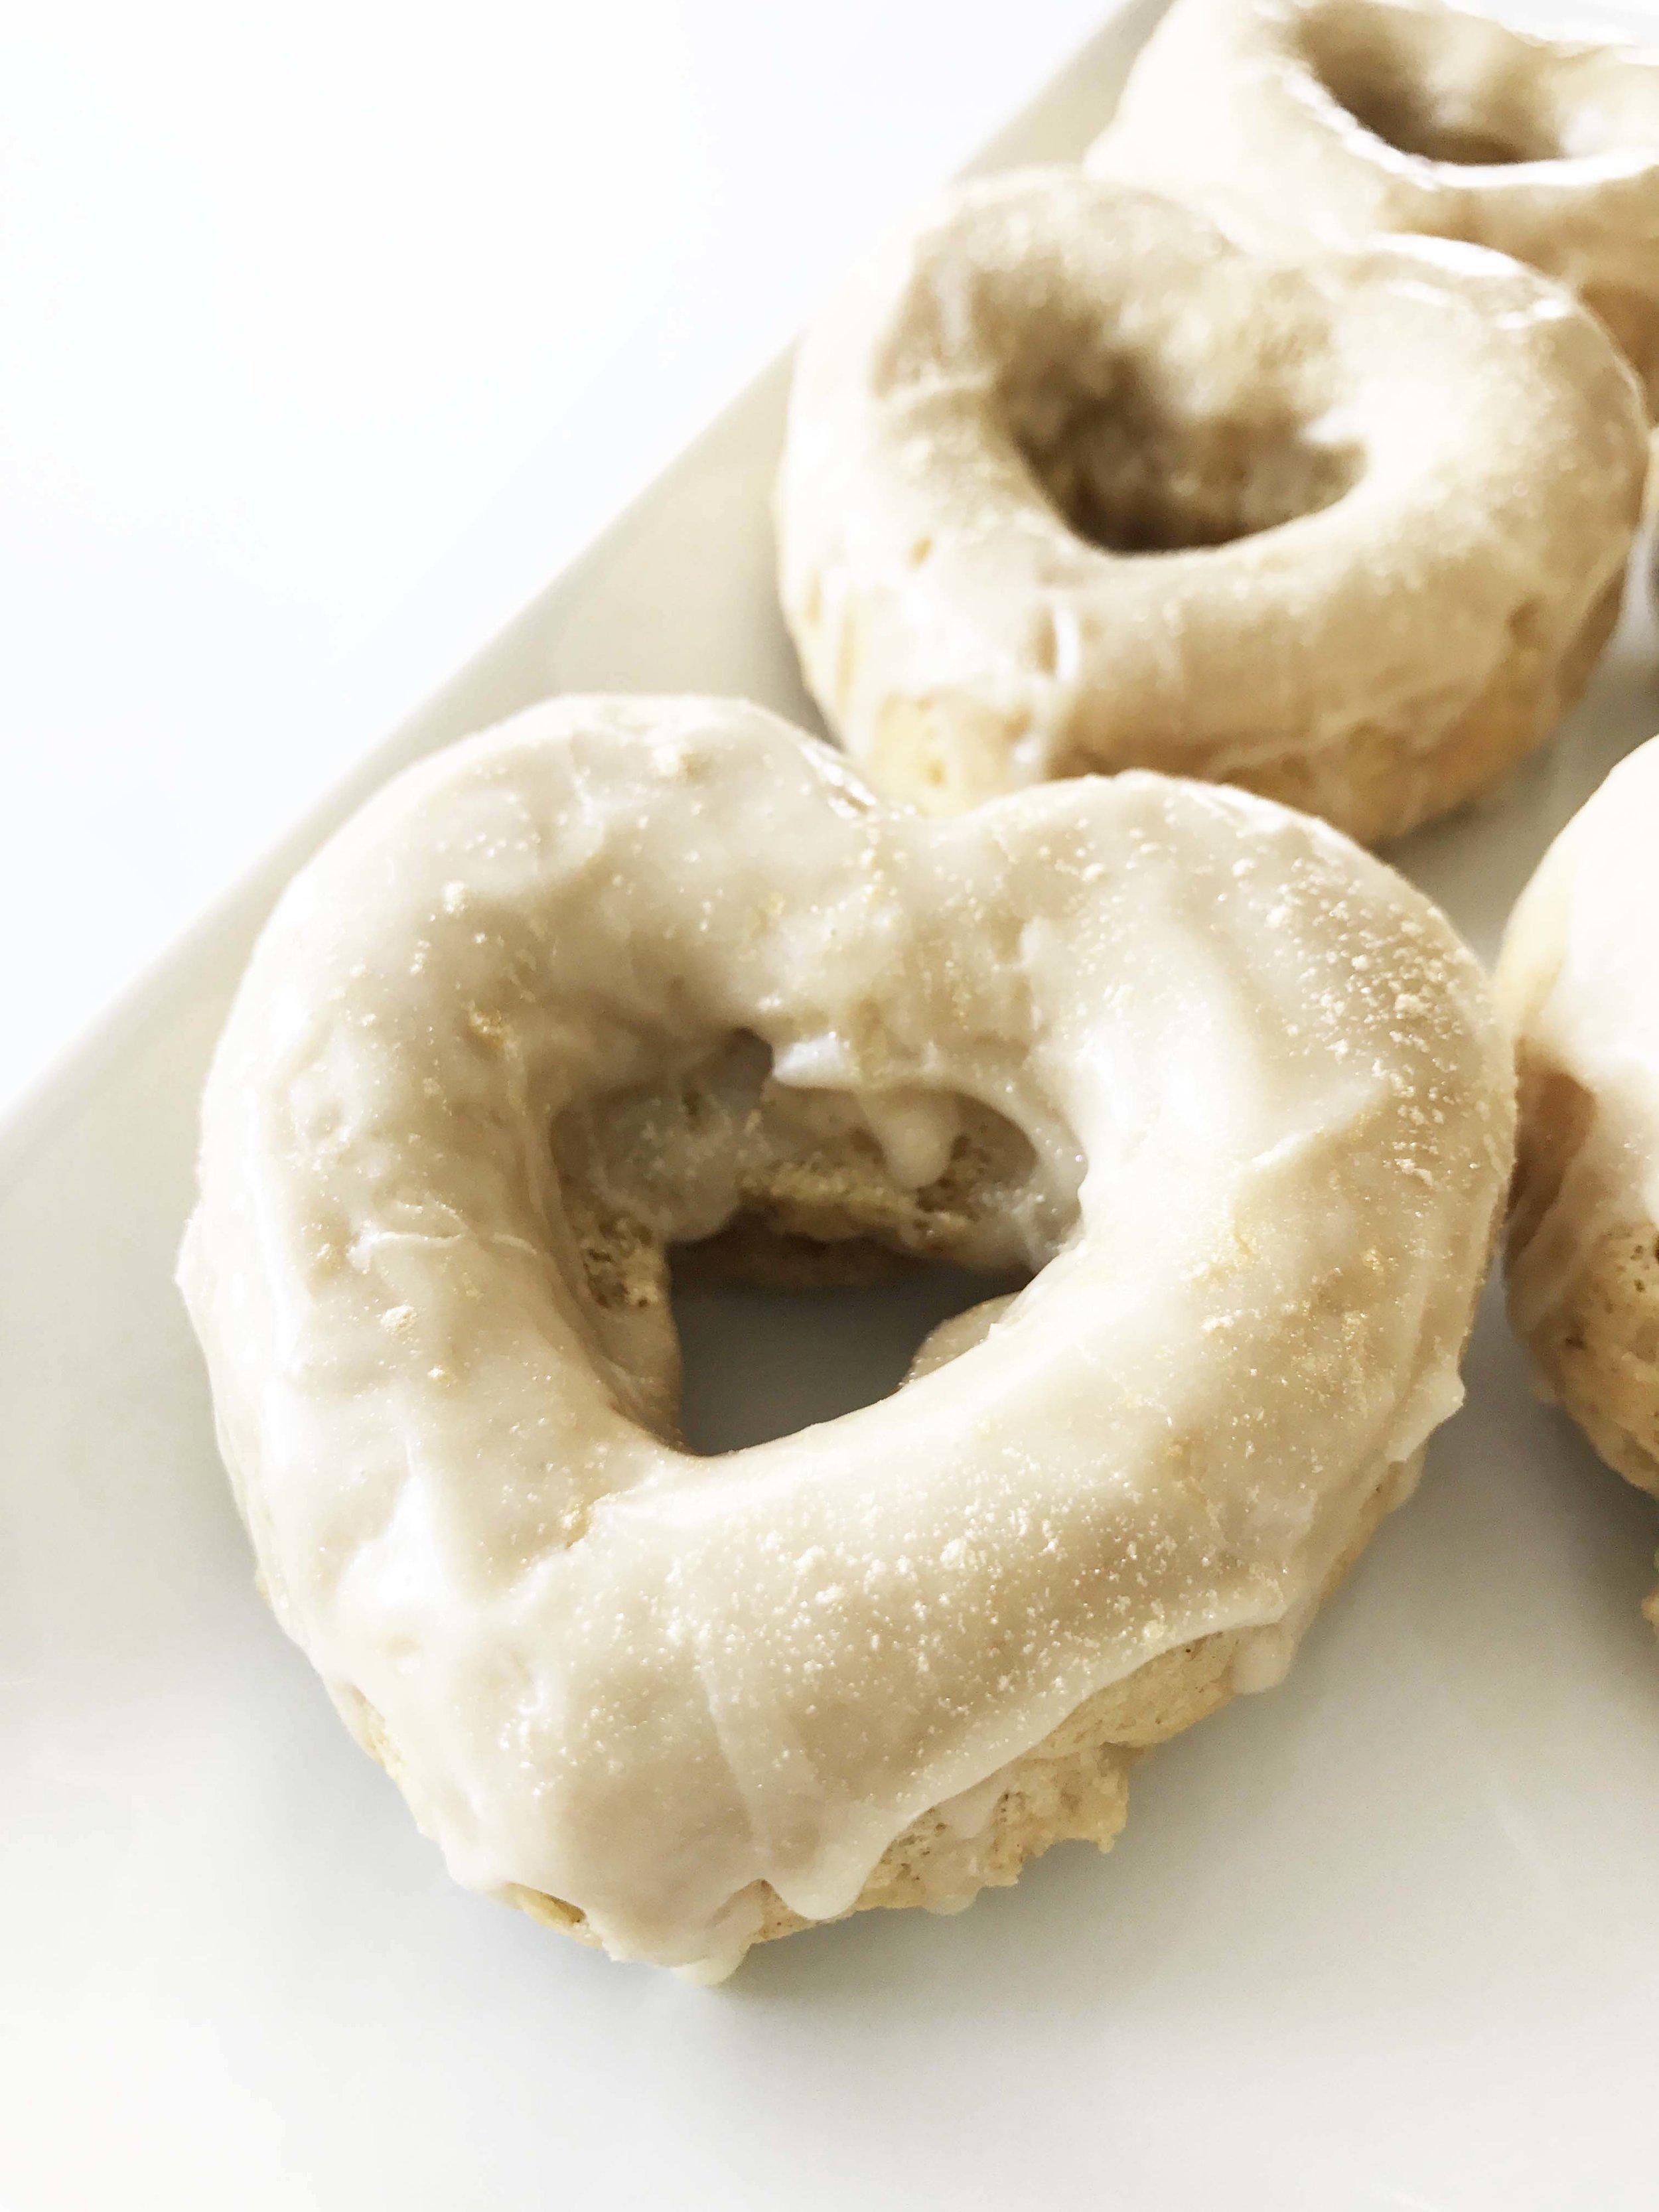 irish-cream-donuts12.jpg